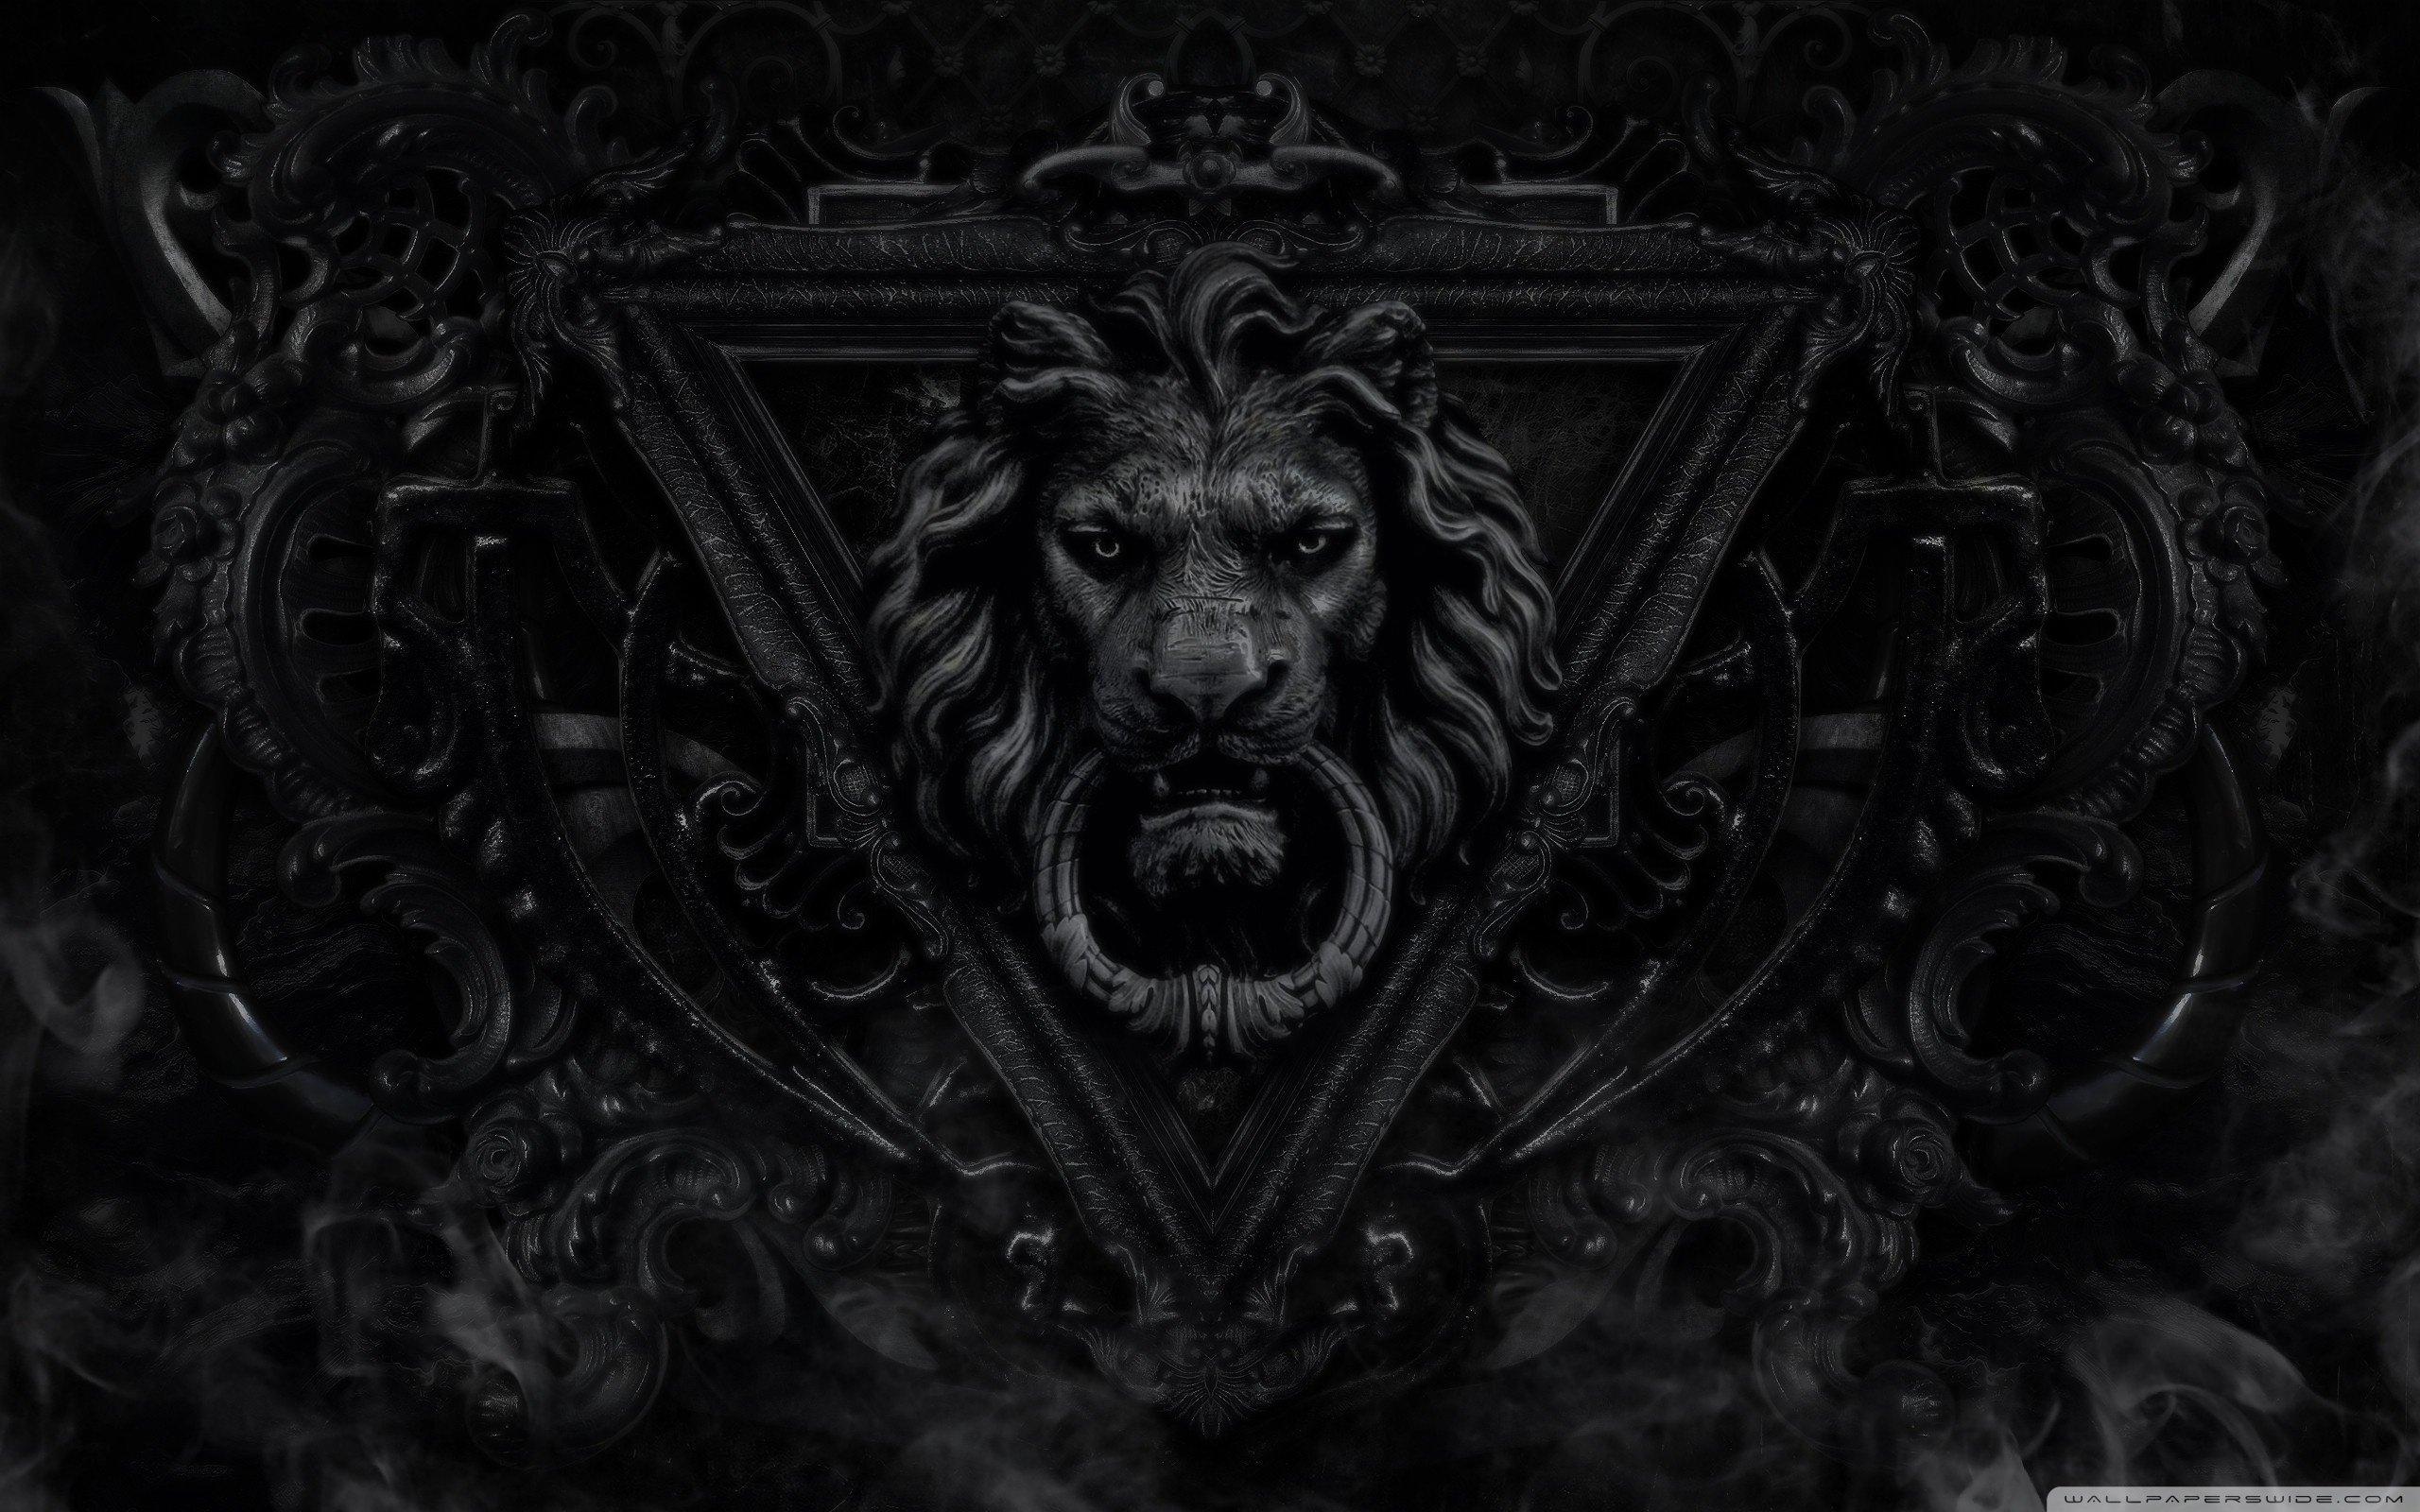 Dark Gothic Lion-wallpaper-2560x1600 Wallpaper